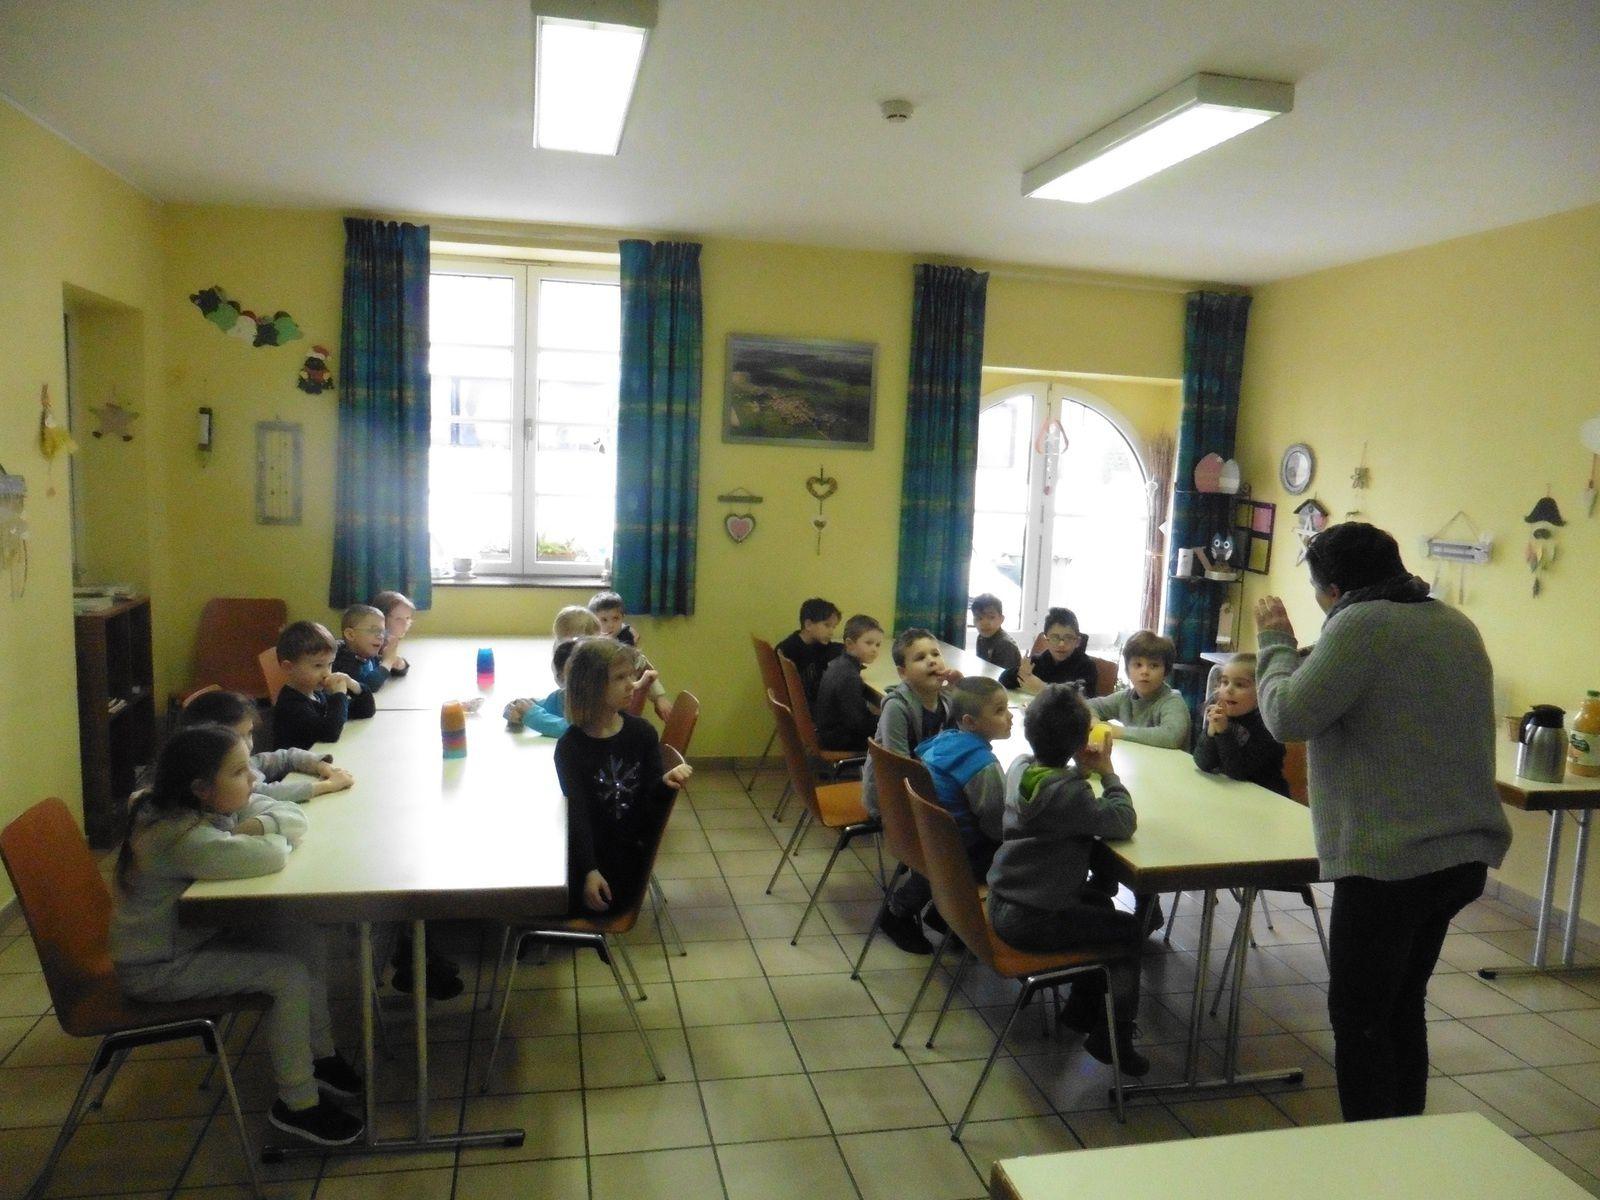 Les enfants écoutent attentivement les recommandations de Véronique, la responsable du centre